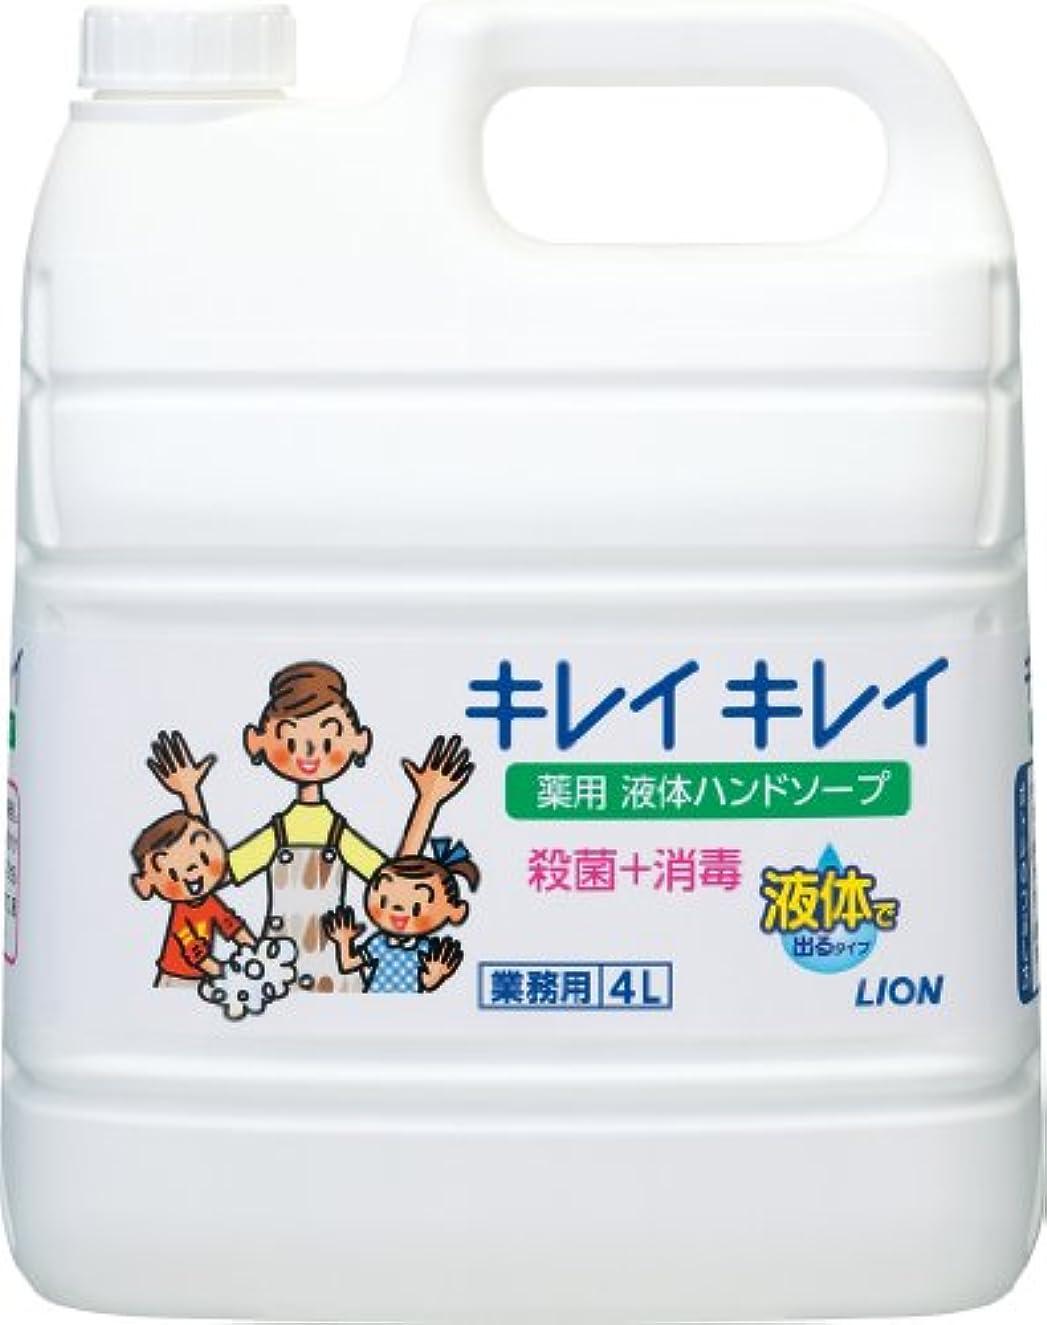 無人助けてジュニア【業務用 大容量】キレイキレイ 薬用 ハンドソープ  4L(医薬部外品)